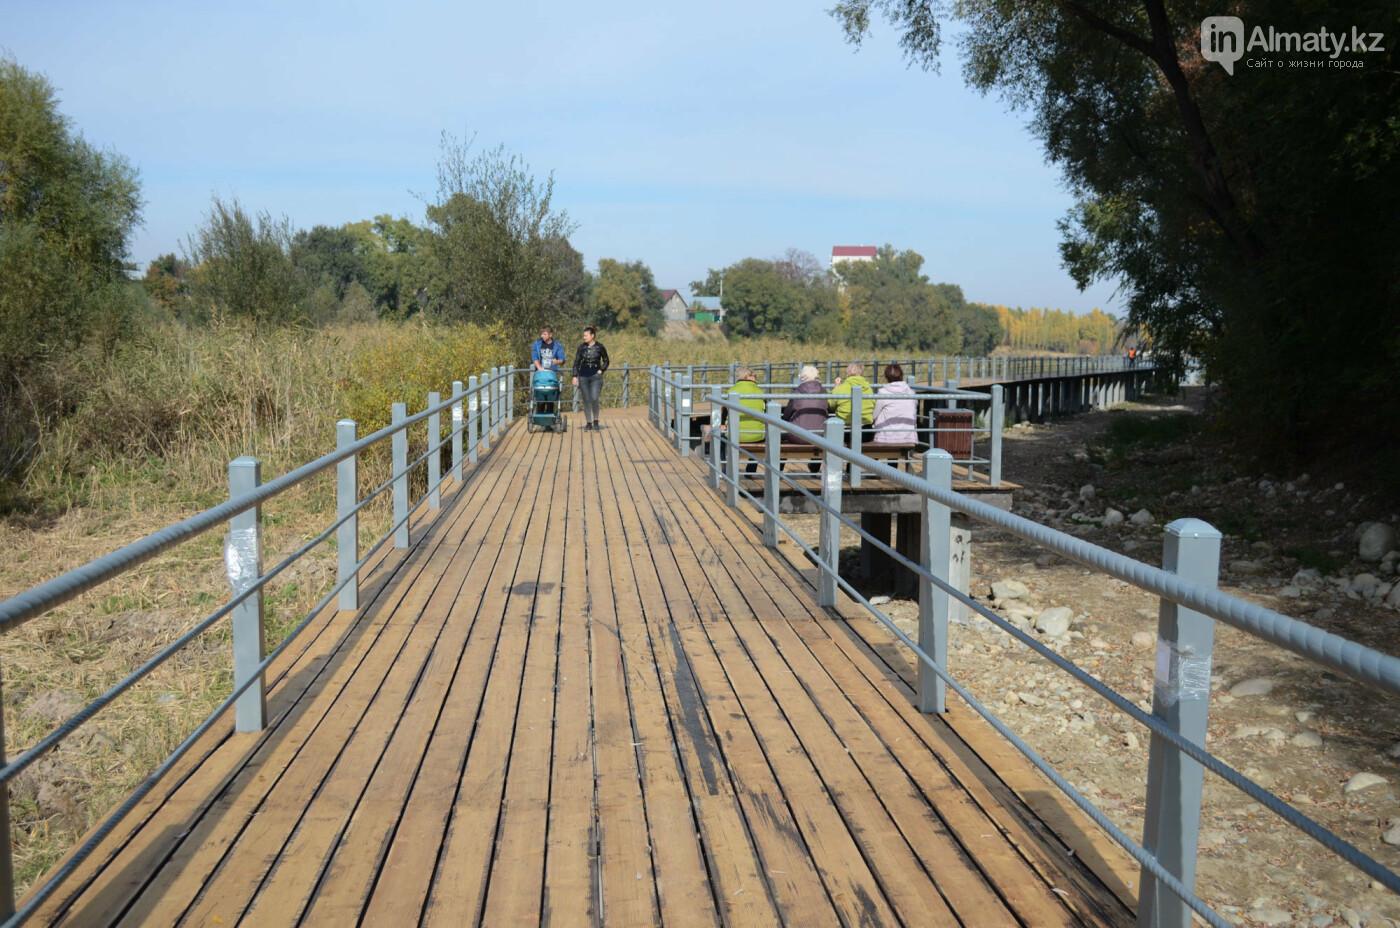 Как выглядит новый парк в зоне Аэропортовского озера и микрорайона Жас Канат в Алматы, фото-7